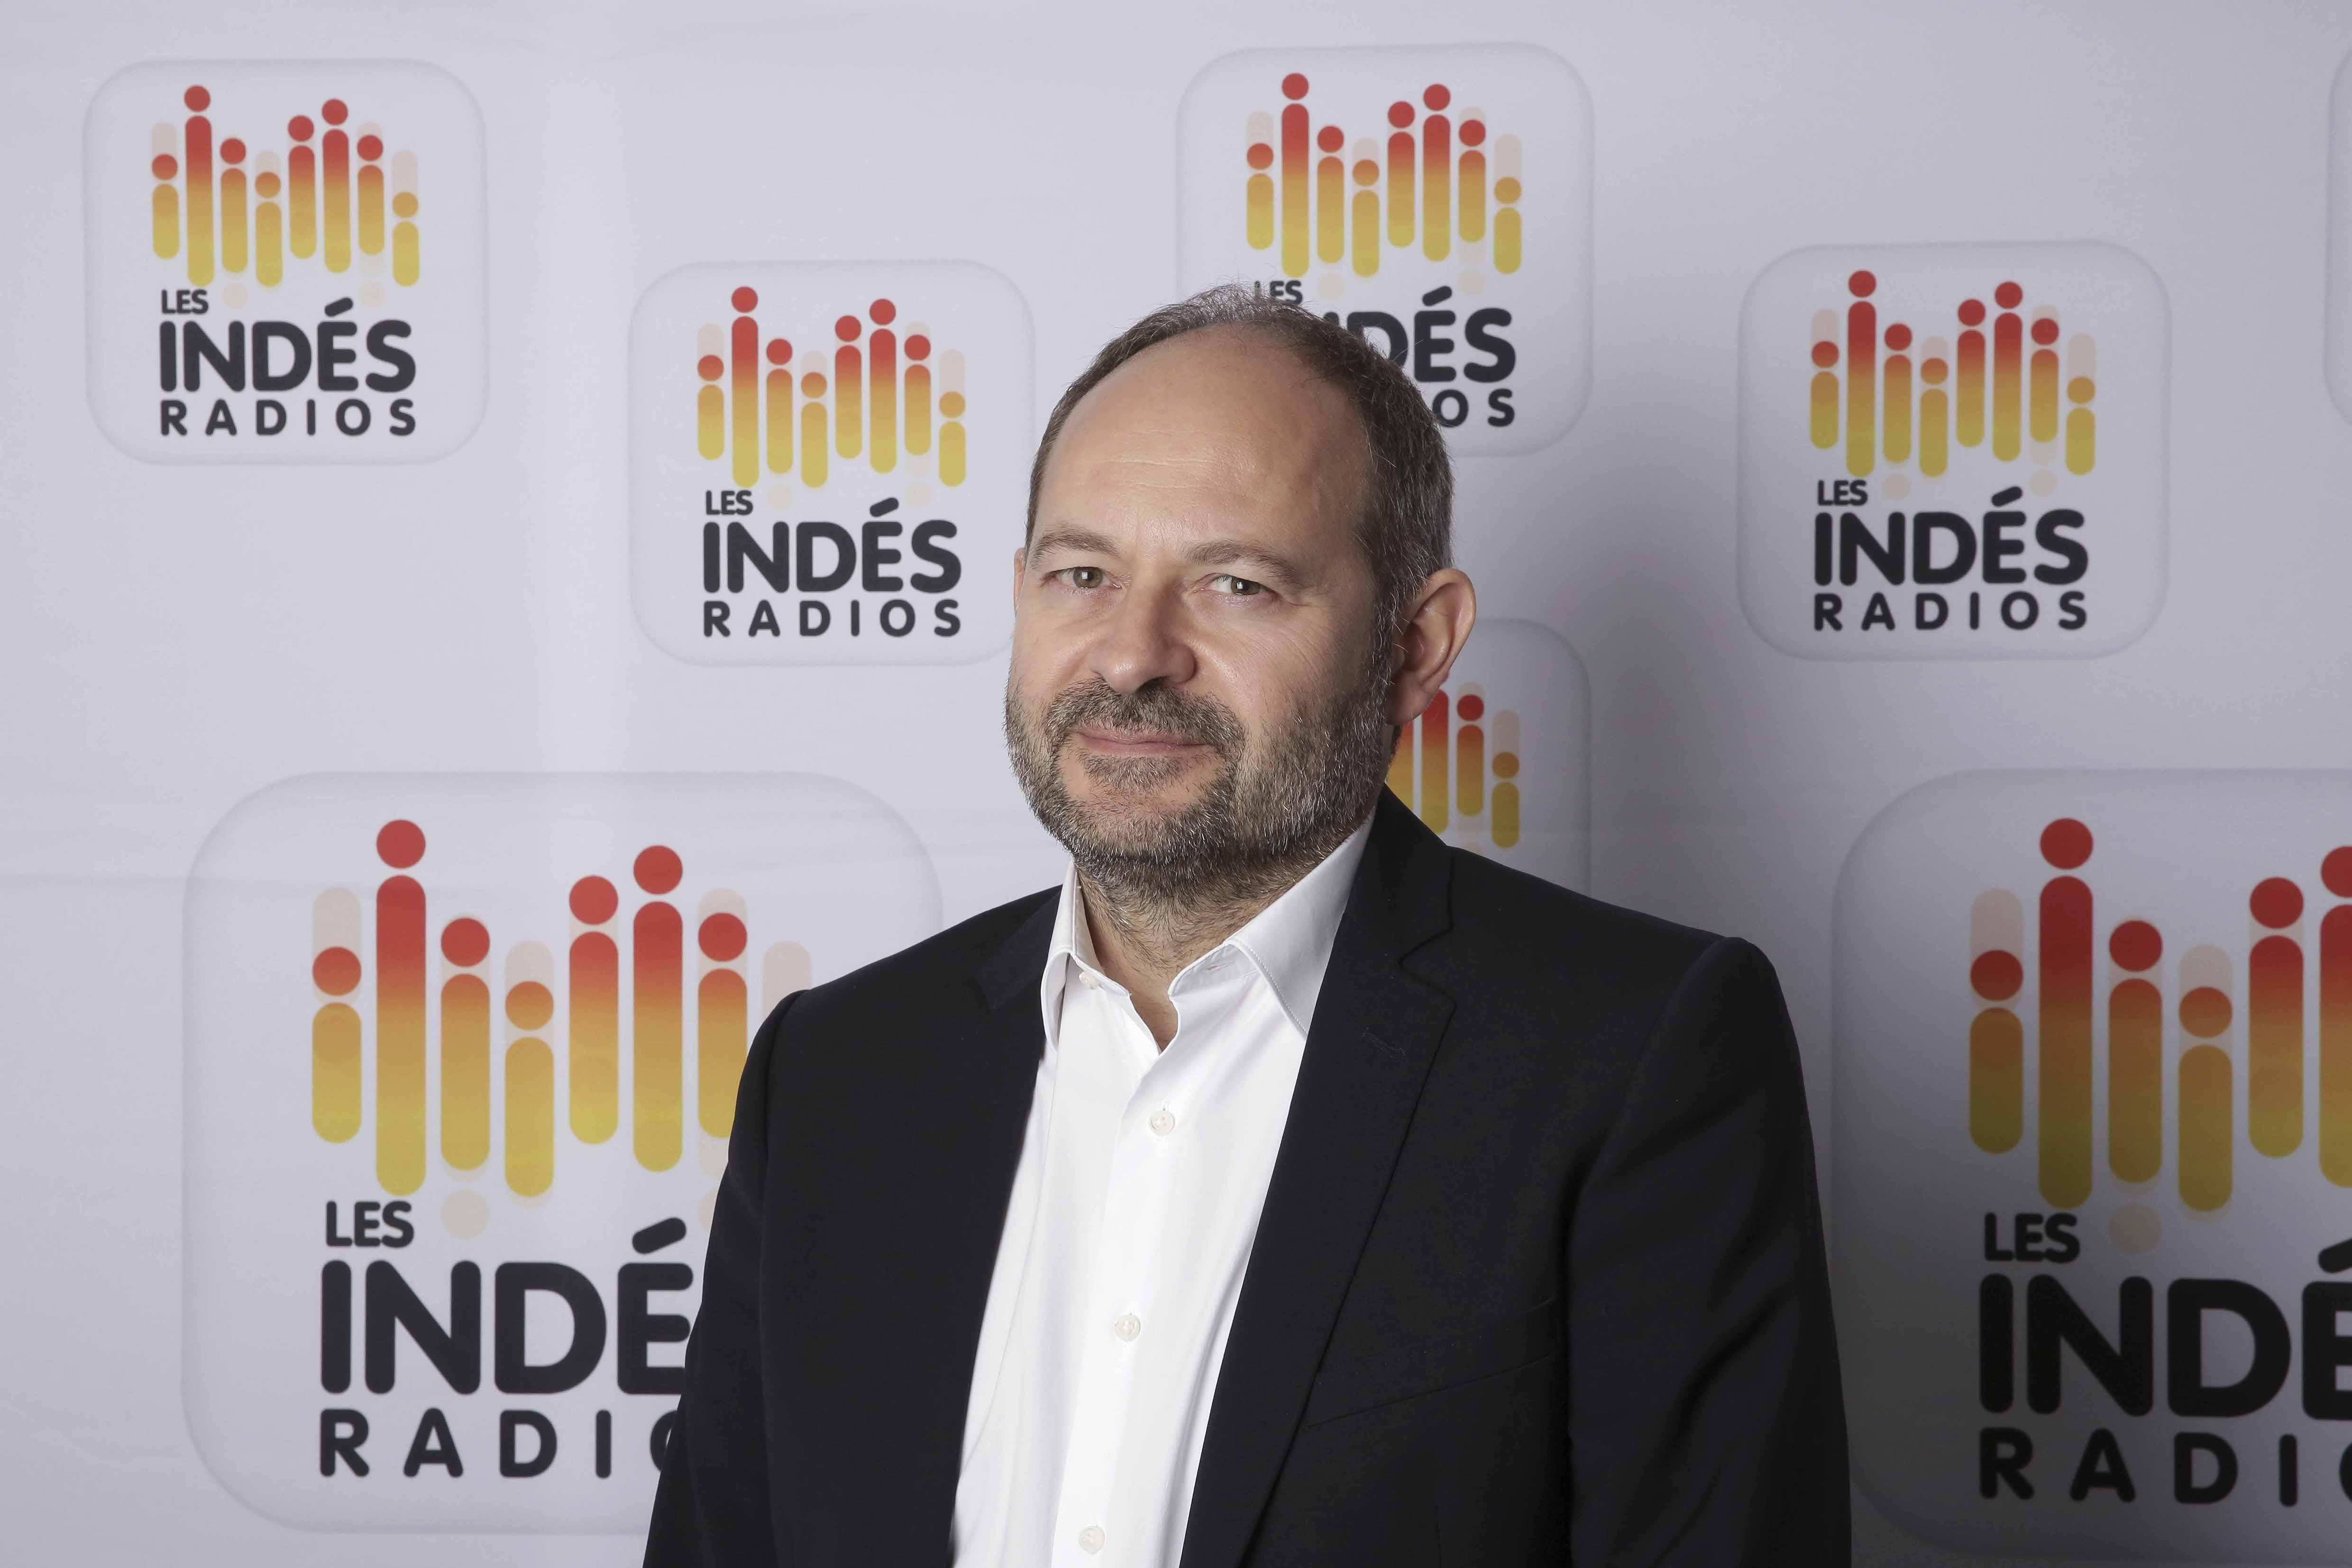 """""""Nous allons effectuer de nouveaux lancements"""" dixit Jean-Éric Valli qui préside Les Indés Radios réunissant 131 stations."""